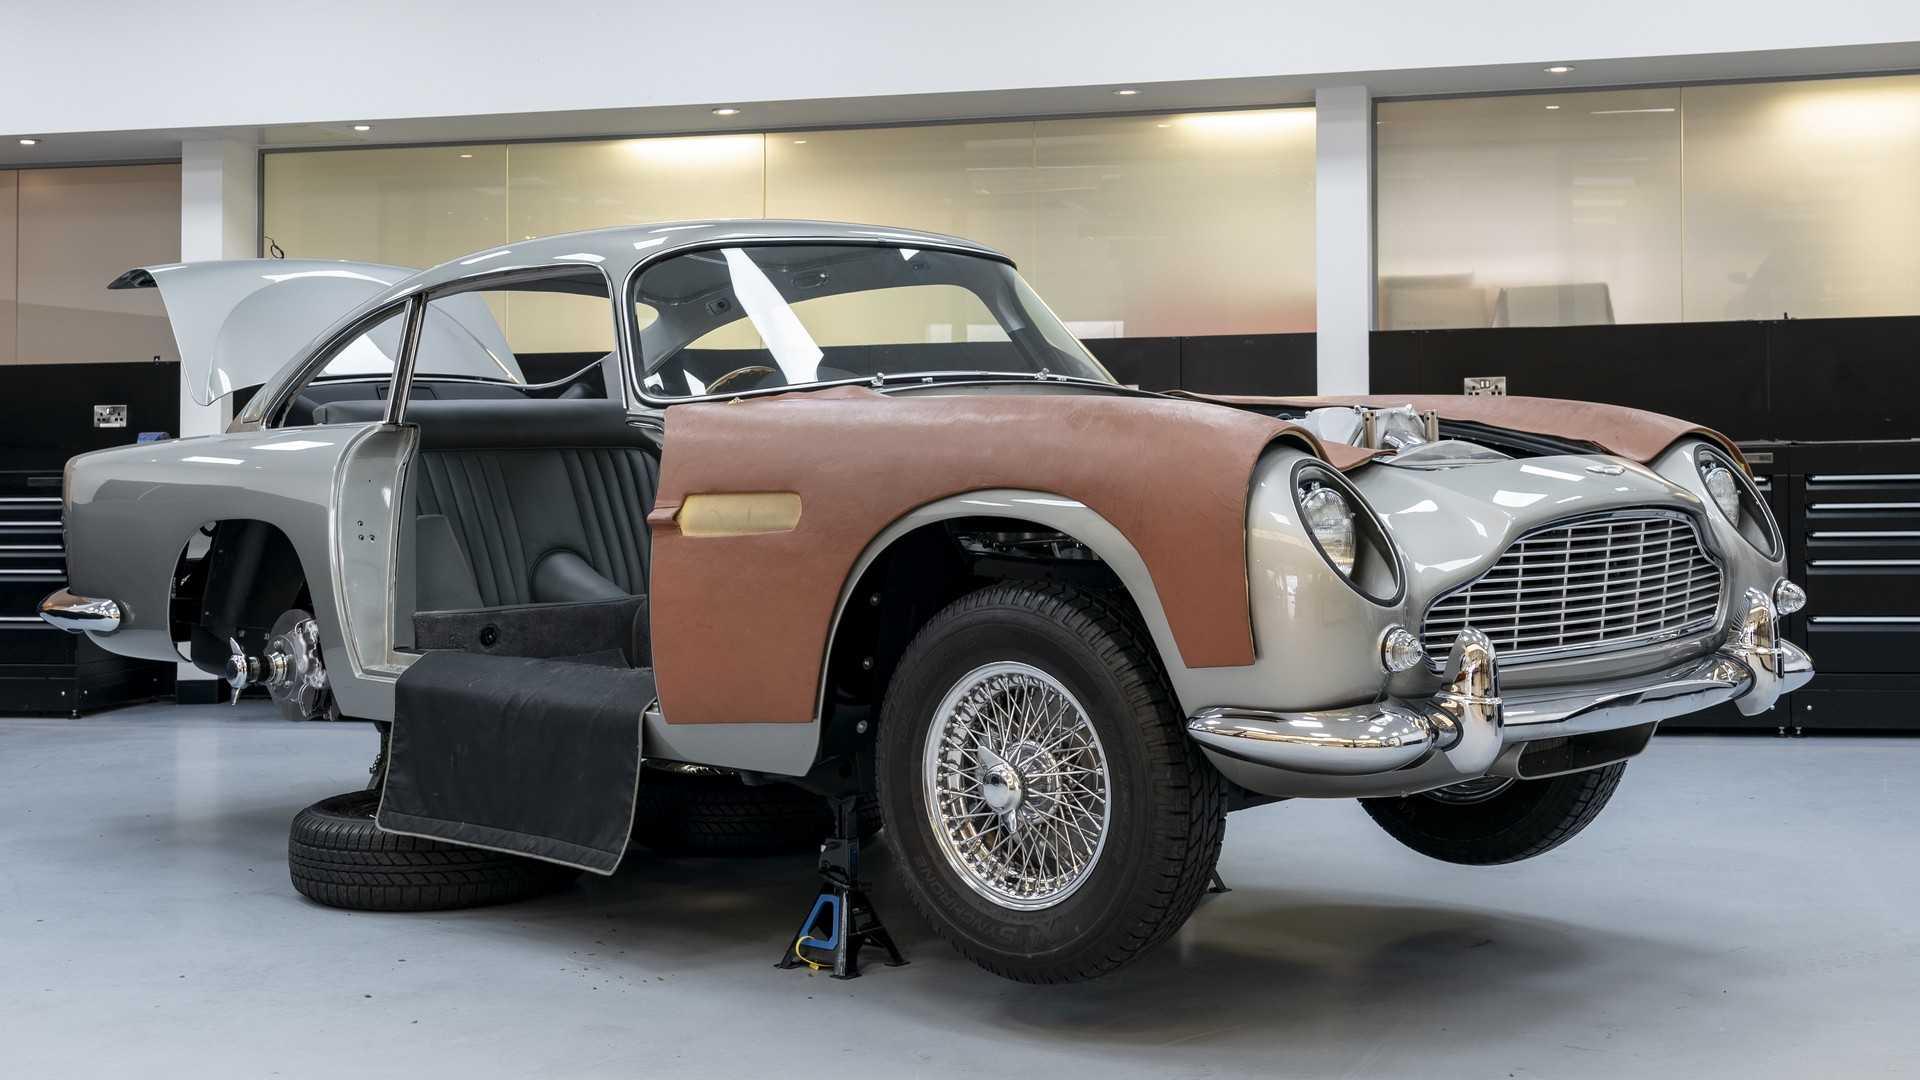 Компания «Астон Мартин» запустила серийную сборку современной версии спорткара DB5, который 55 лет назад снимался в кинокартине про Джеймса Бонда «Голдфингер»